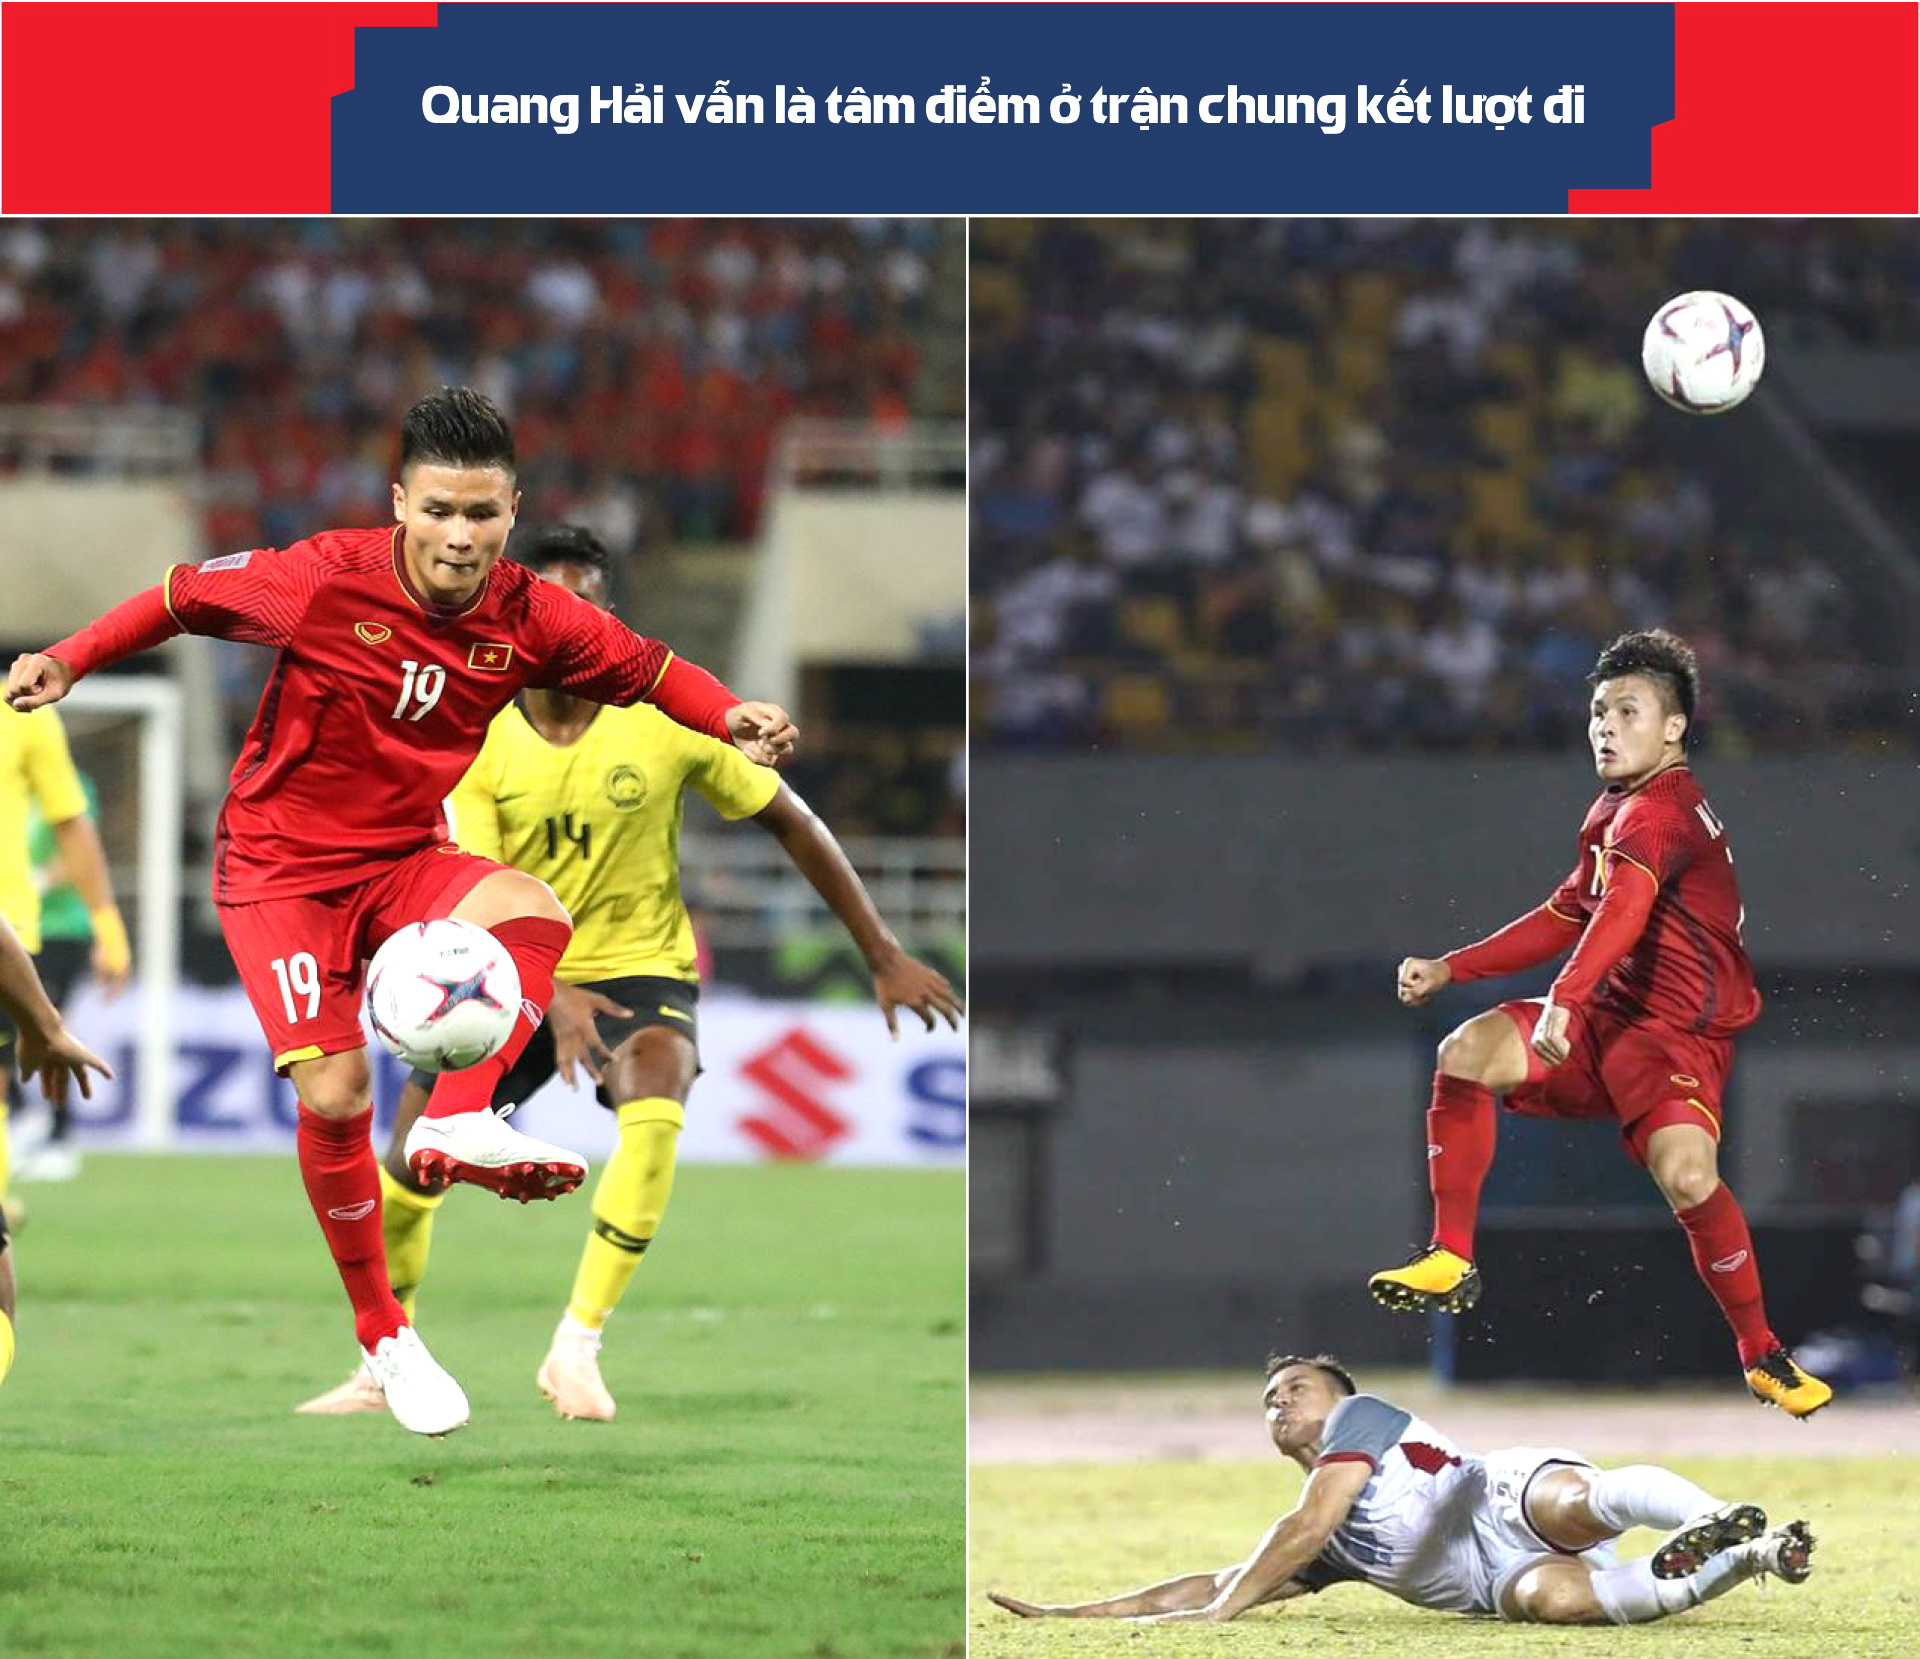 Chung kết lượt đi AFF Cup 2018, Malaysia - Việt Nam: Cuộc chiến không khoan nhượng ảnh 4